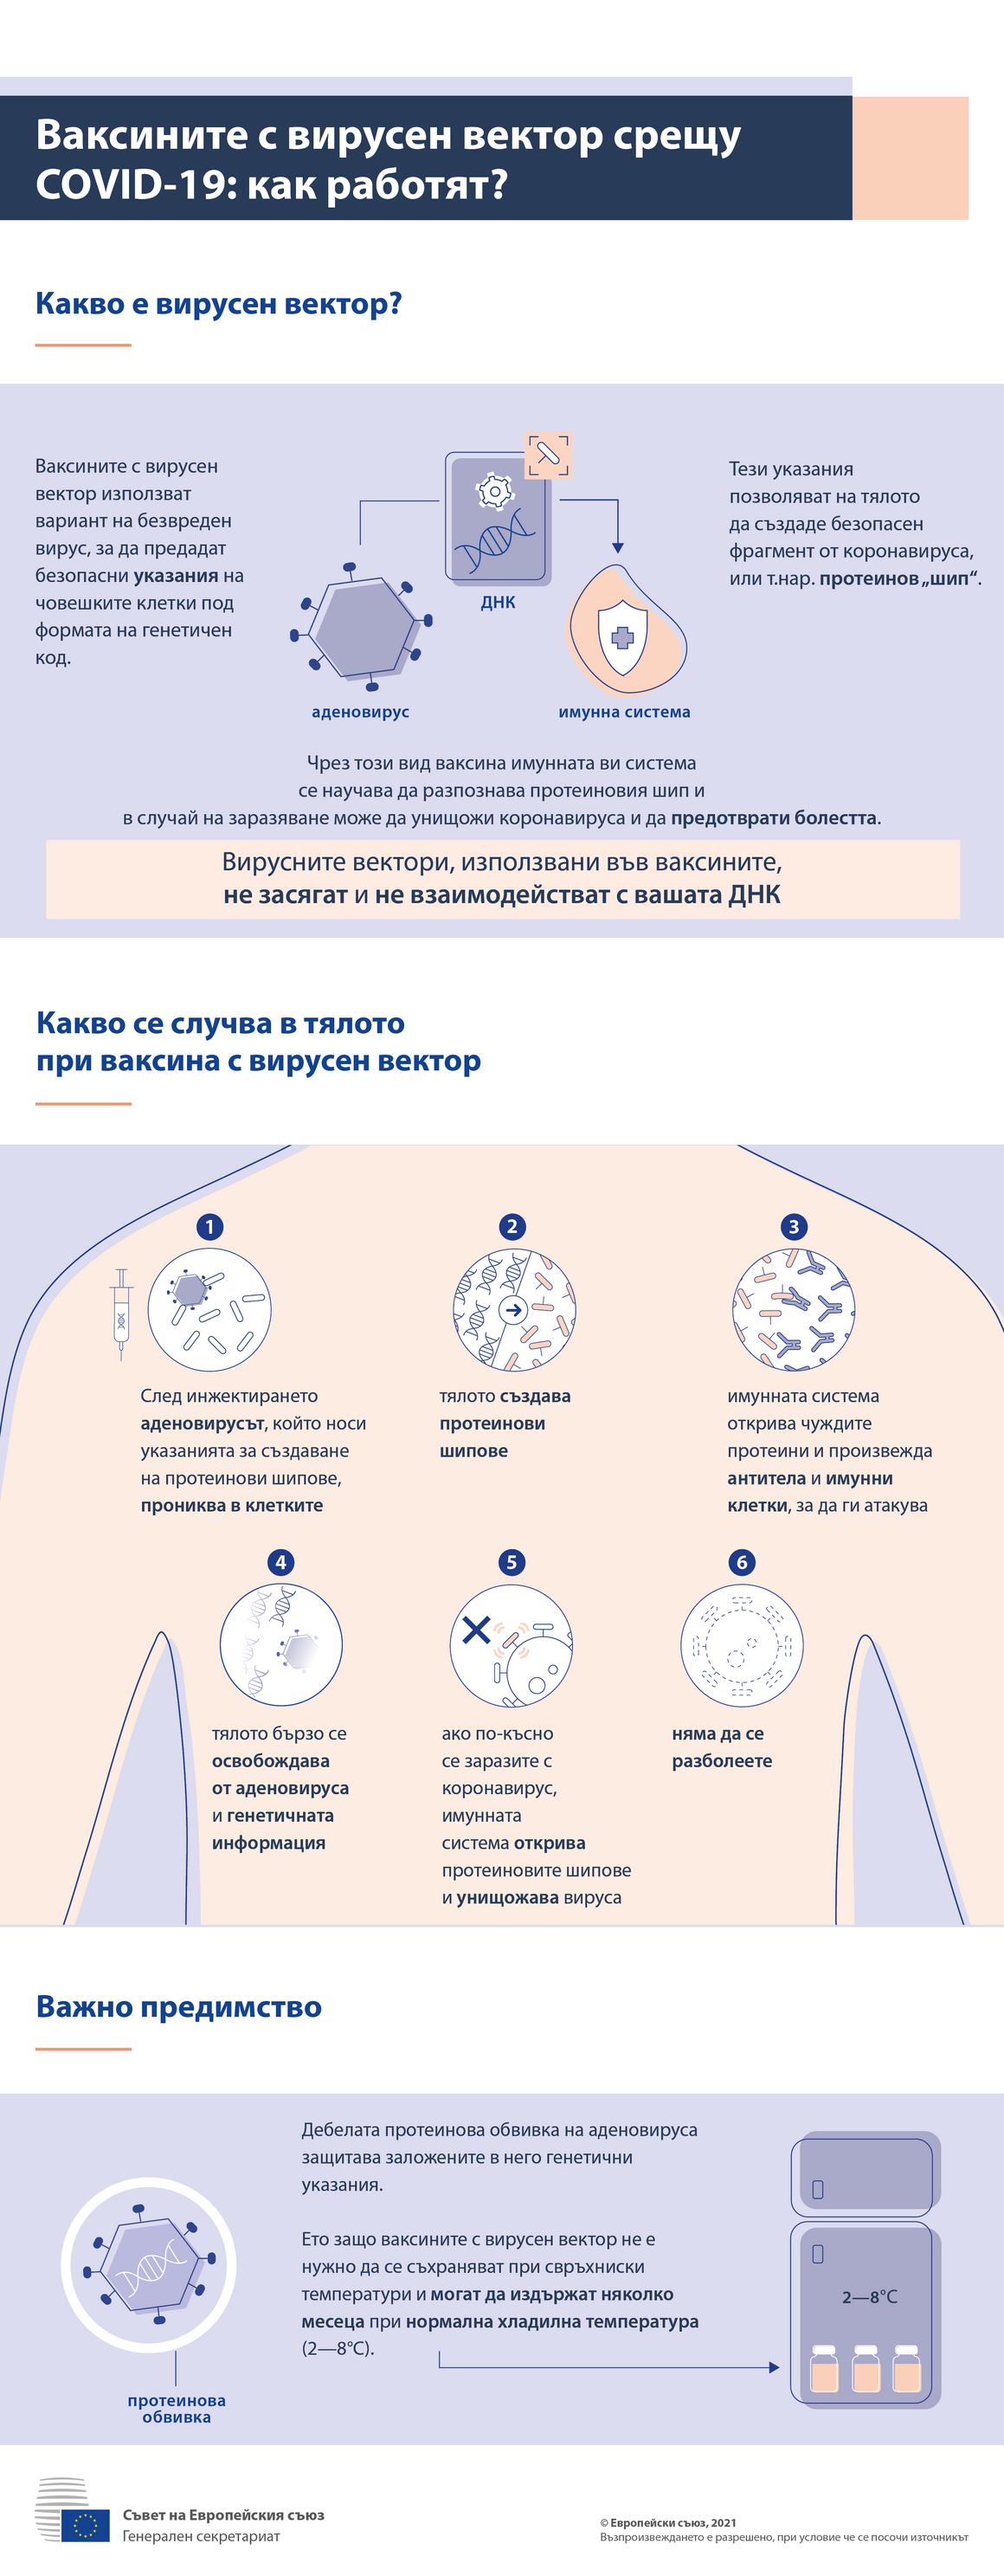 Инфографика — ваксини с вирусен вектор срещу COVID-19: как действат